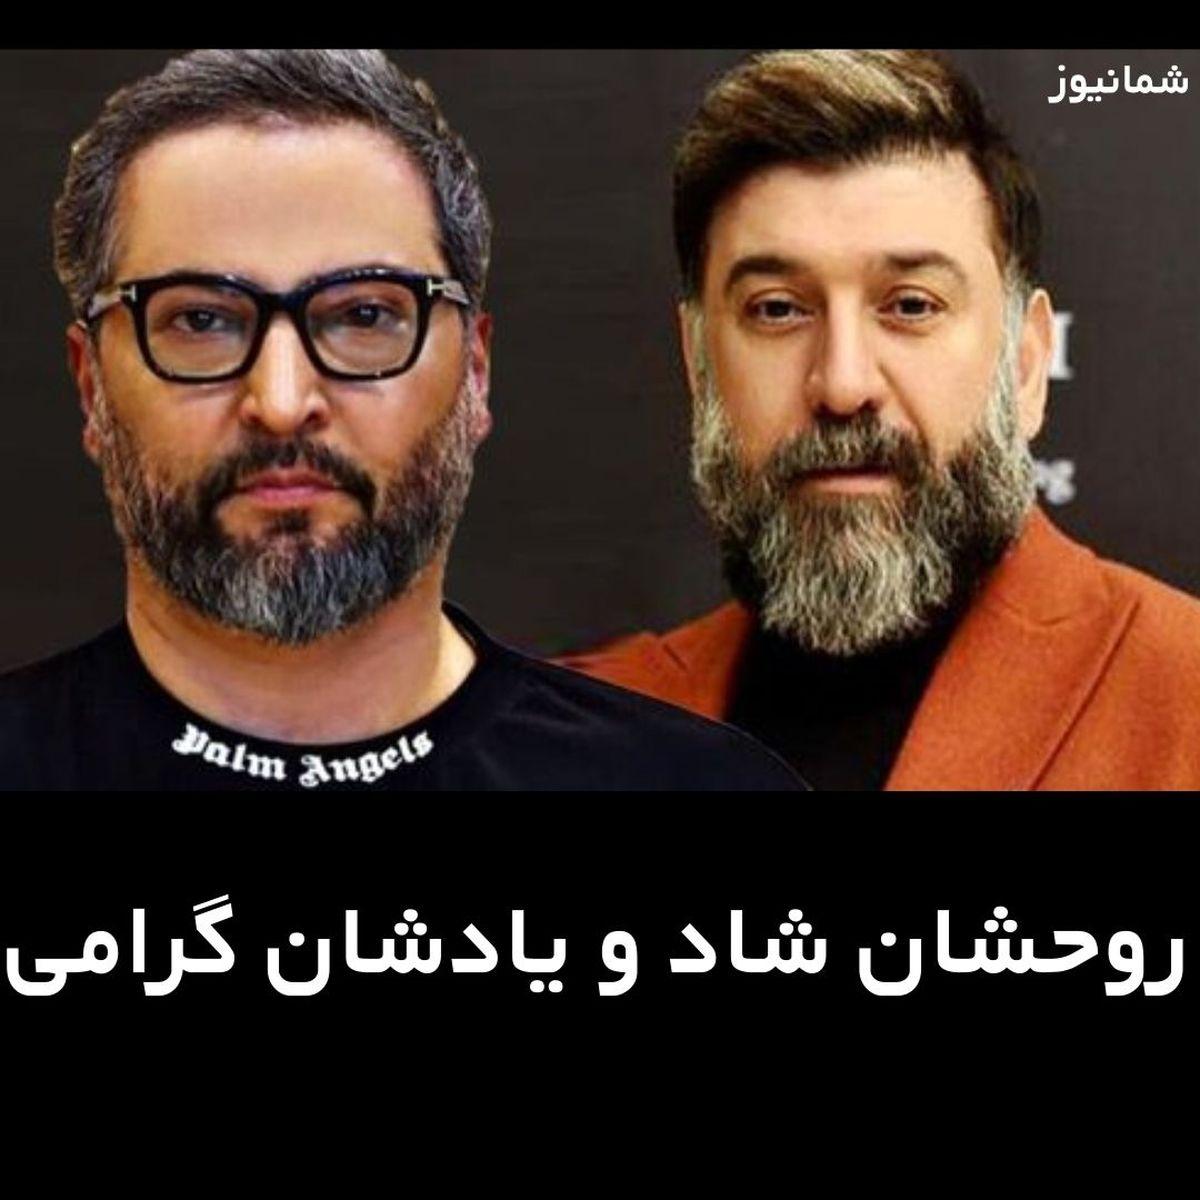 مزار علی انصاریان و مهرداد میناوند + عکس